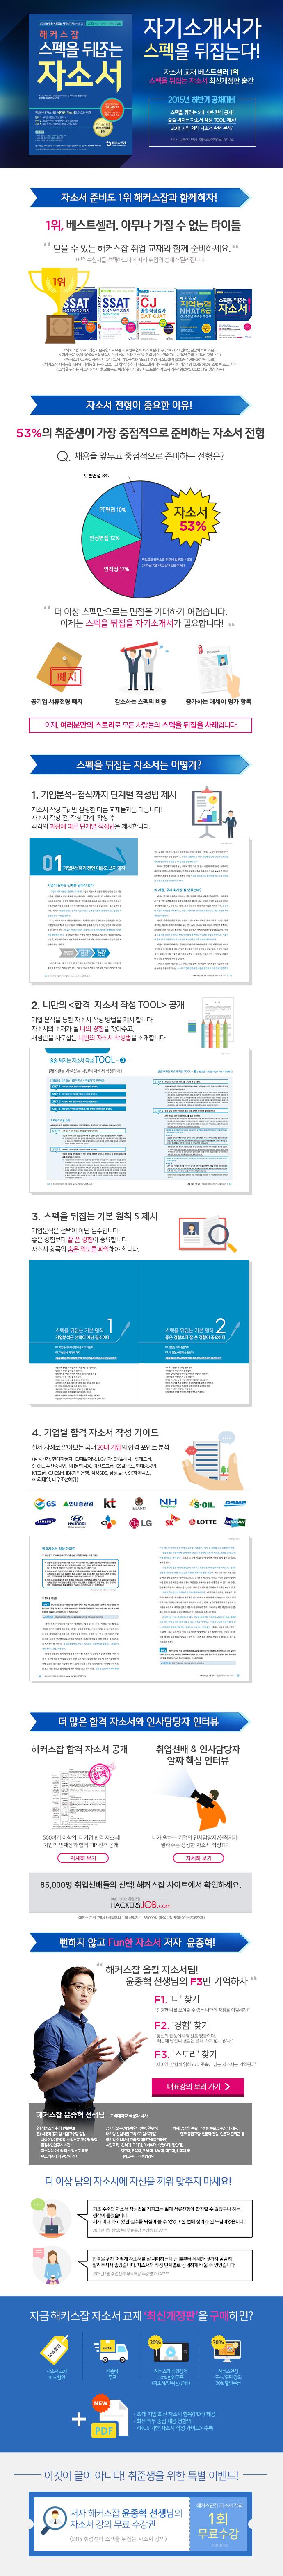 스펙을 뒤집는 자소서 (2015 하반기 공채 대비)(해커스잡)(개정판) 도서 상세이미지